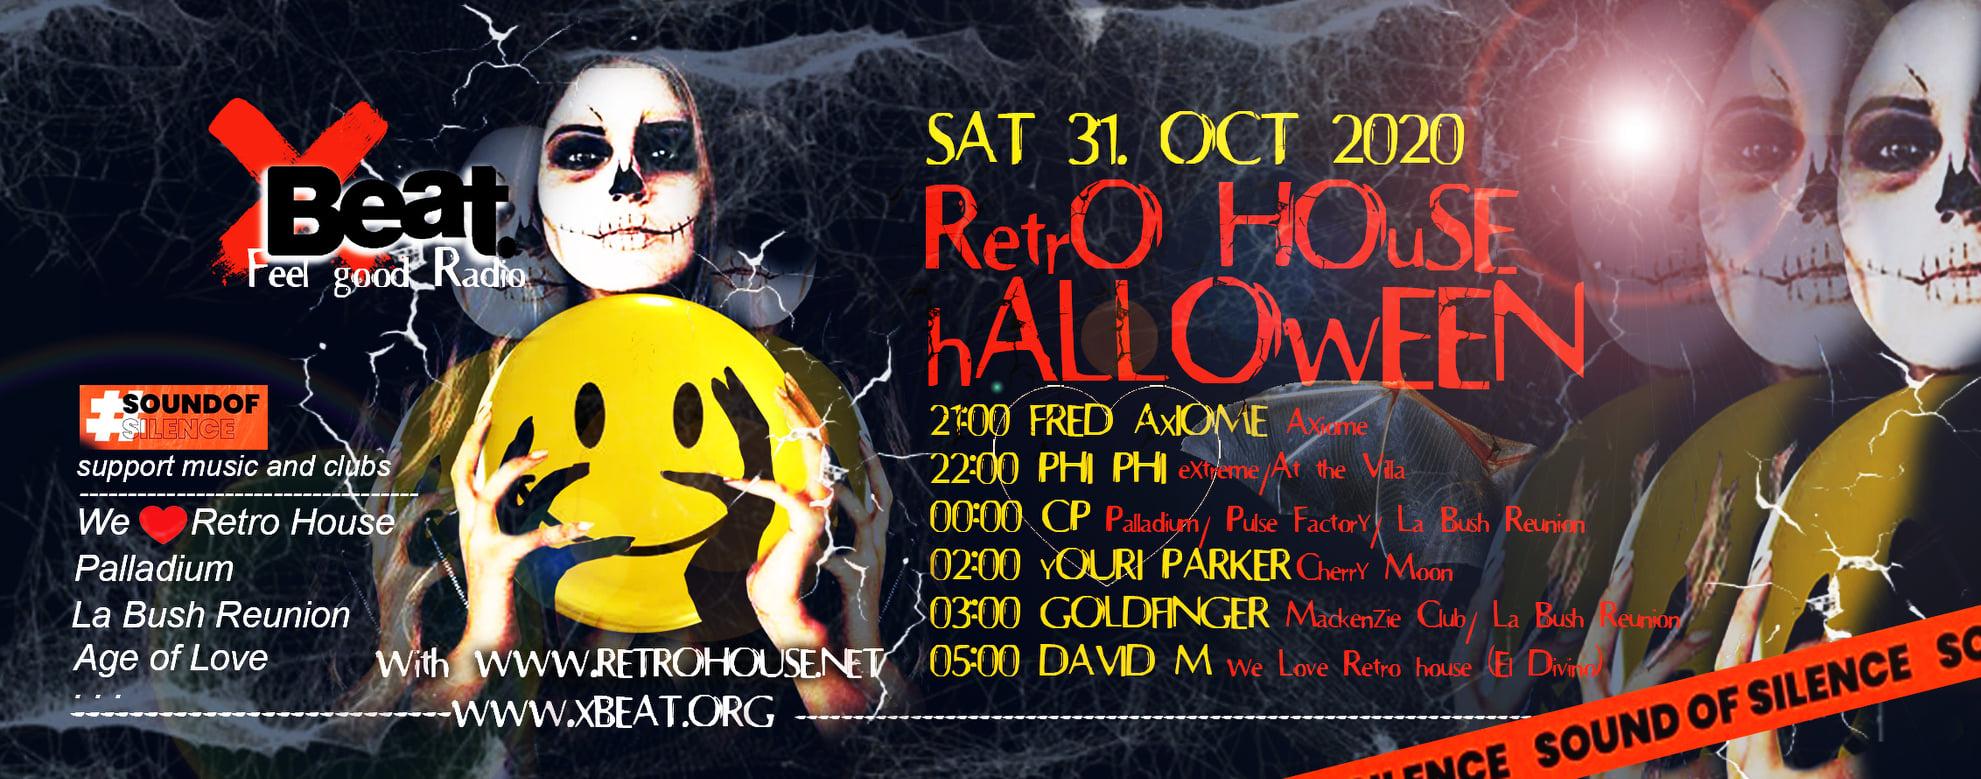 Retro House Halloween 2020